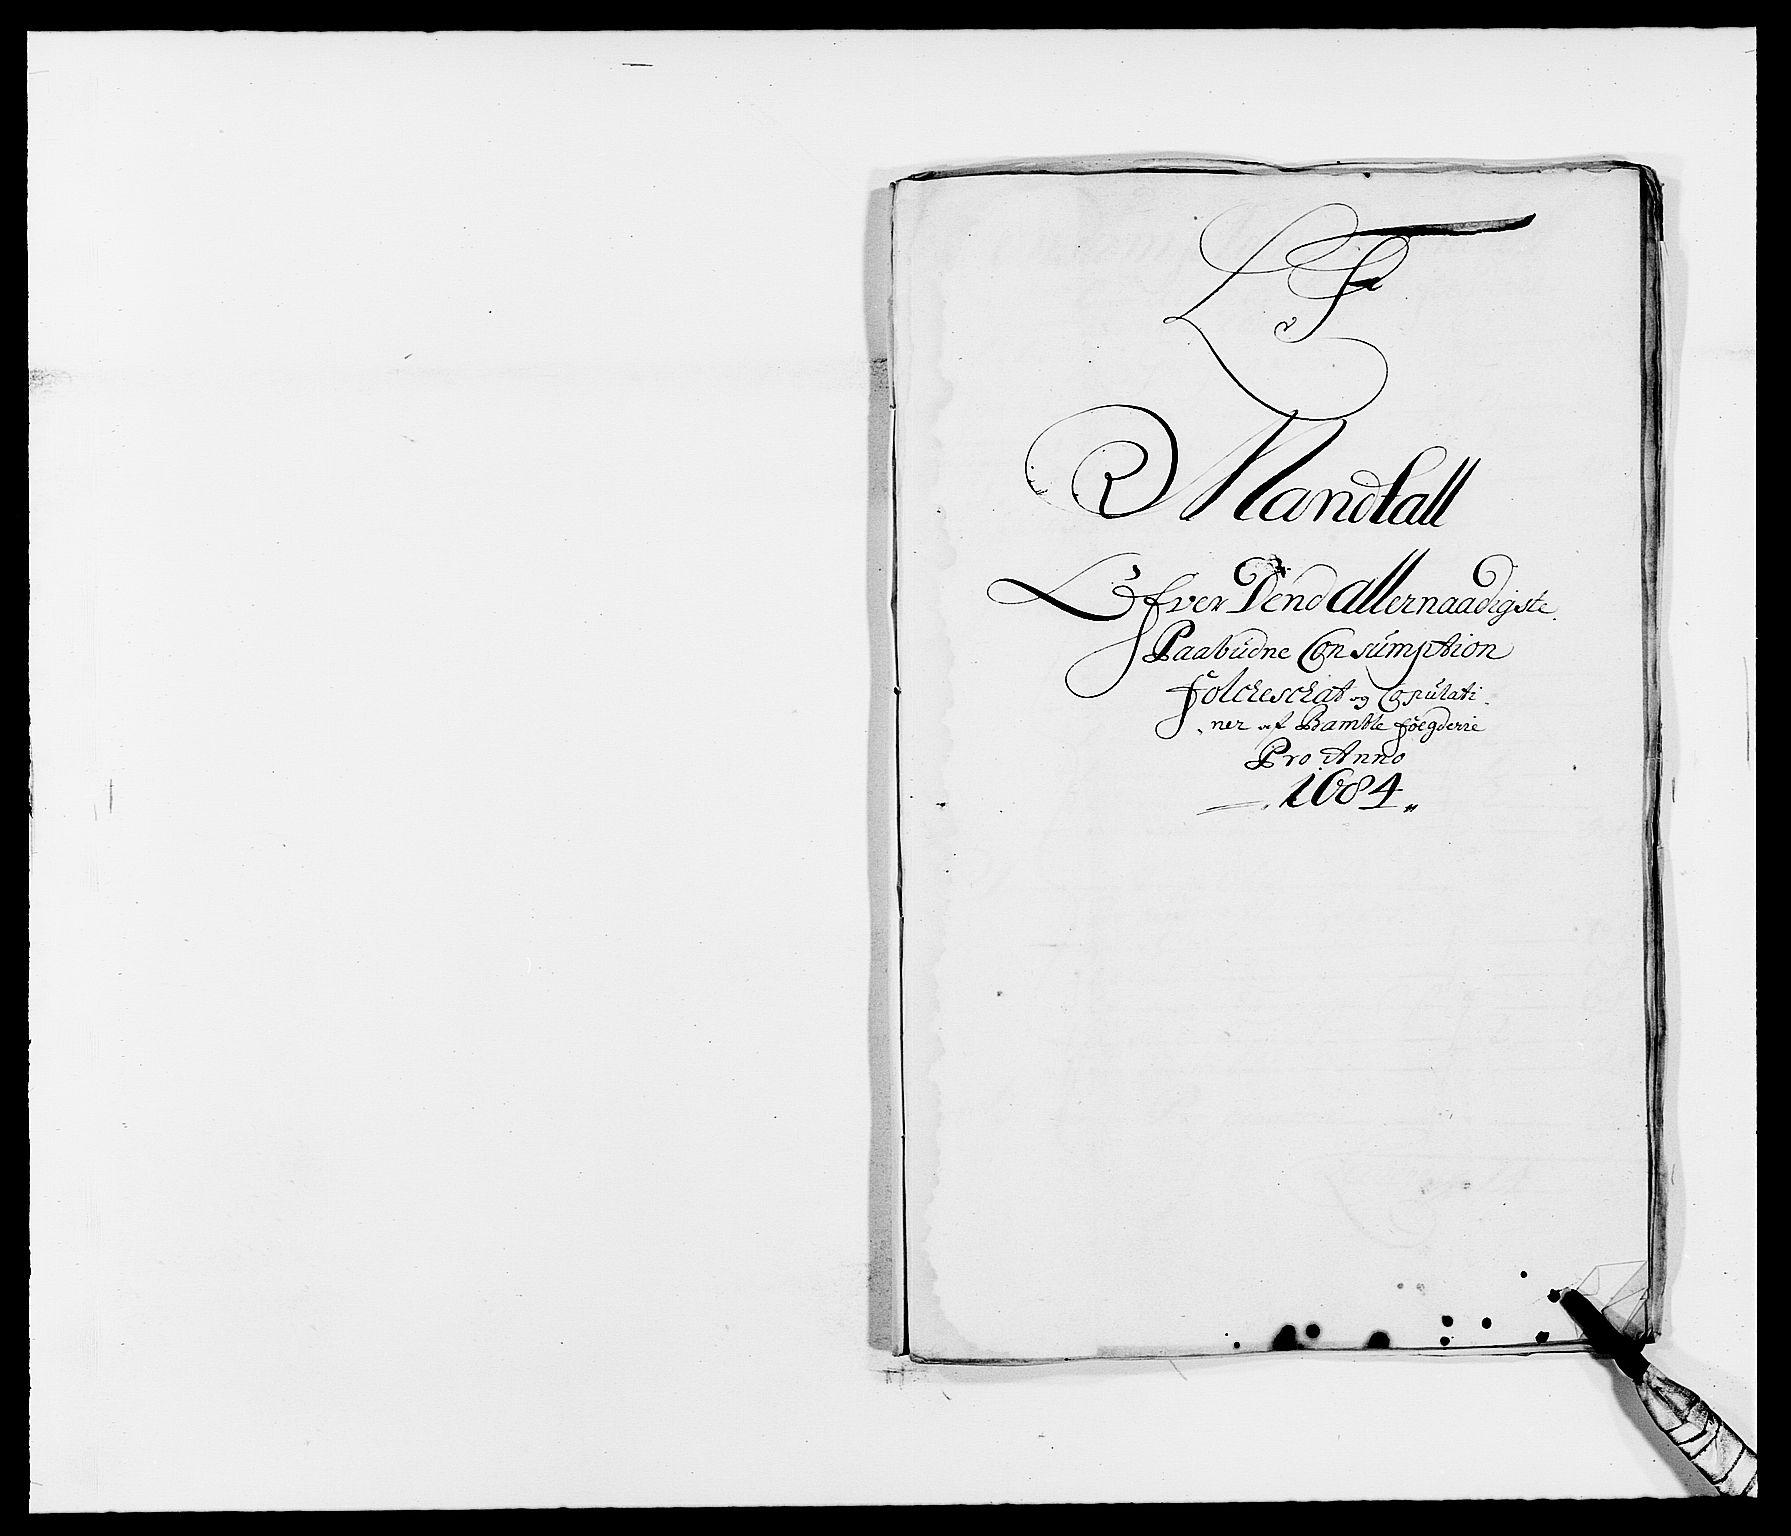 RA, Rentekammeret inntil 1814, Reviderte regnskaper, Fogderegnskap, R34/L2047: Fogderegnskap Bamble, 1684, s. 73